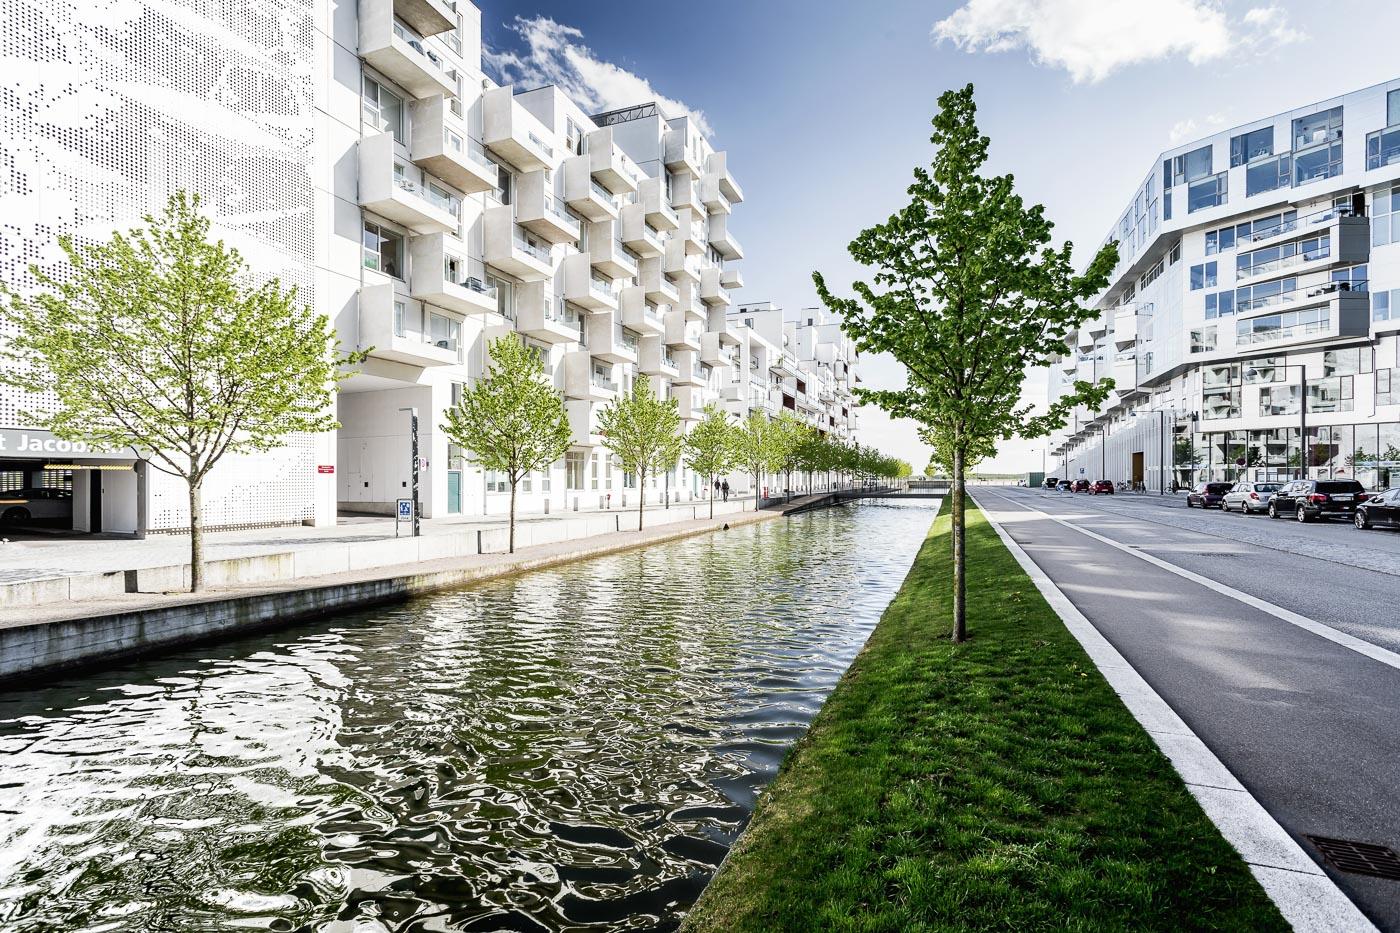 Kopenhagen Ørestad